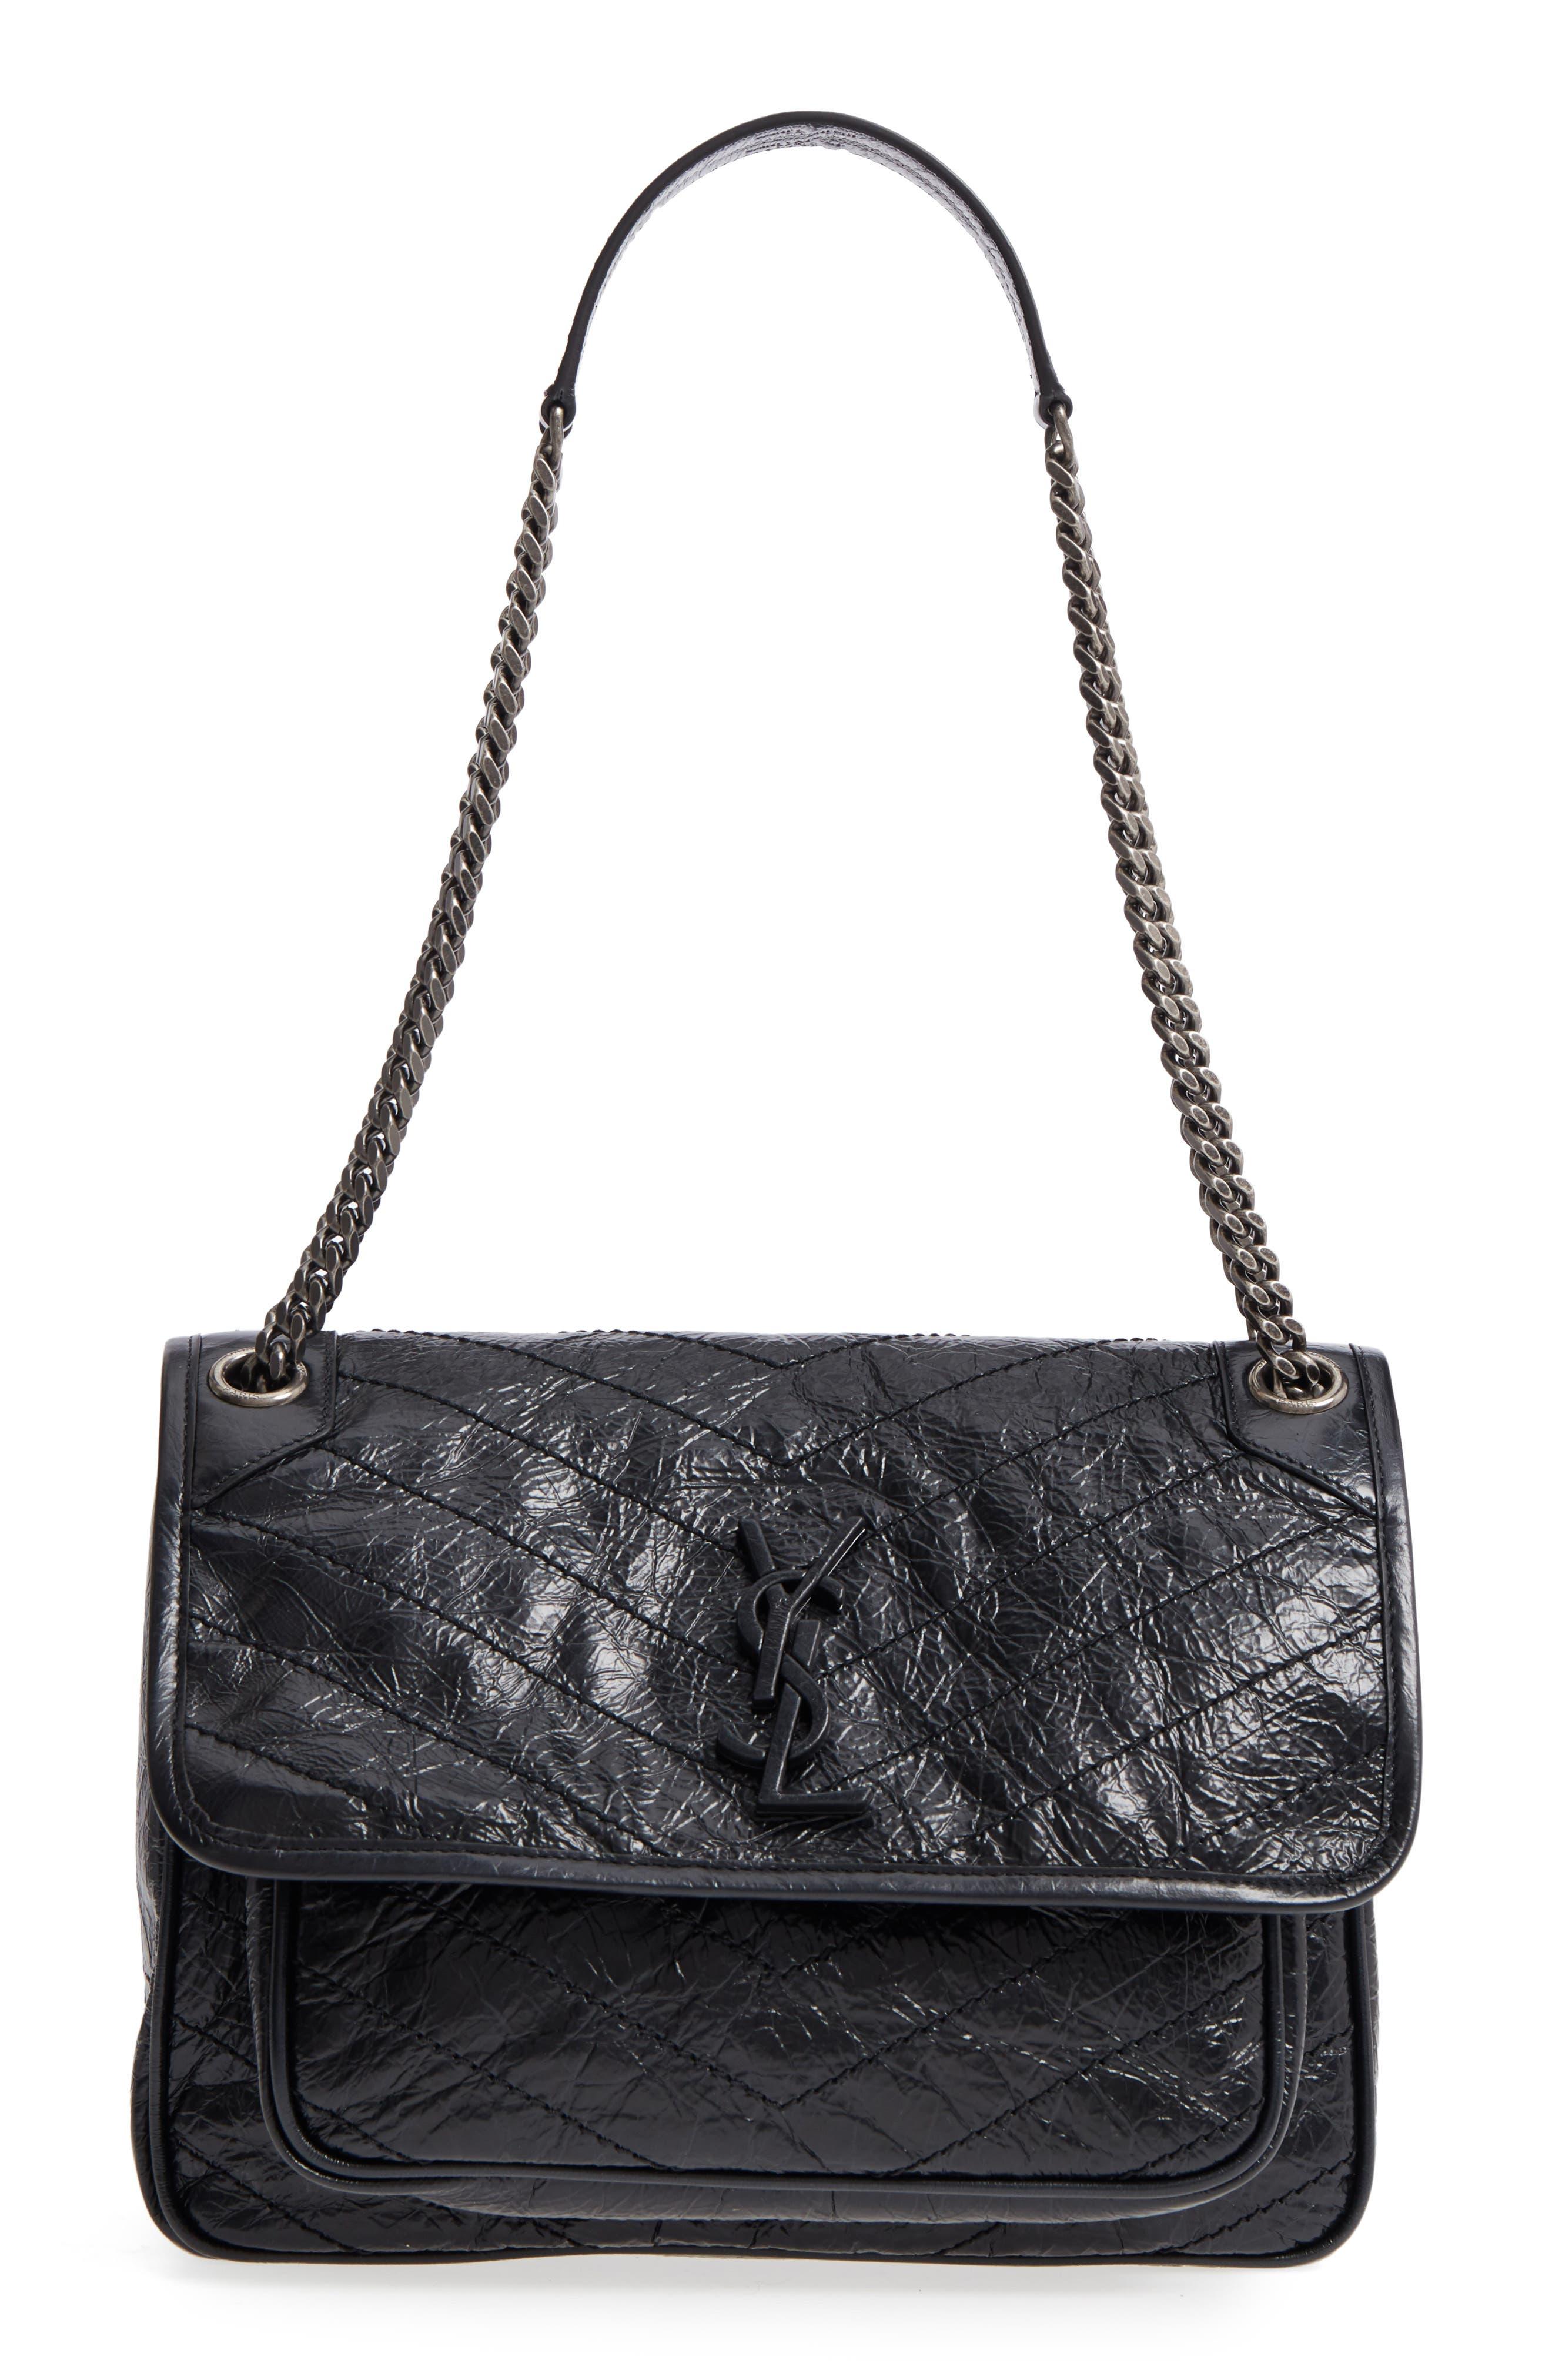 Medium Niki Leather Shoulder Bag,                         Main,                         color, BLACK